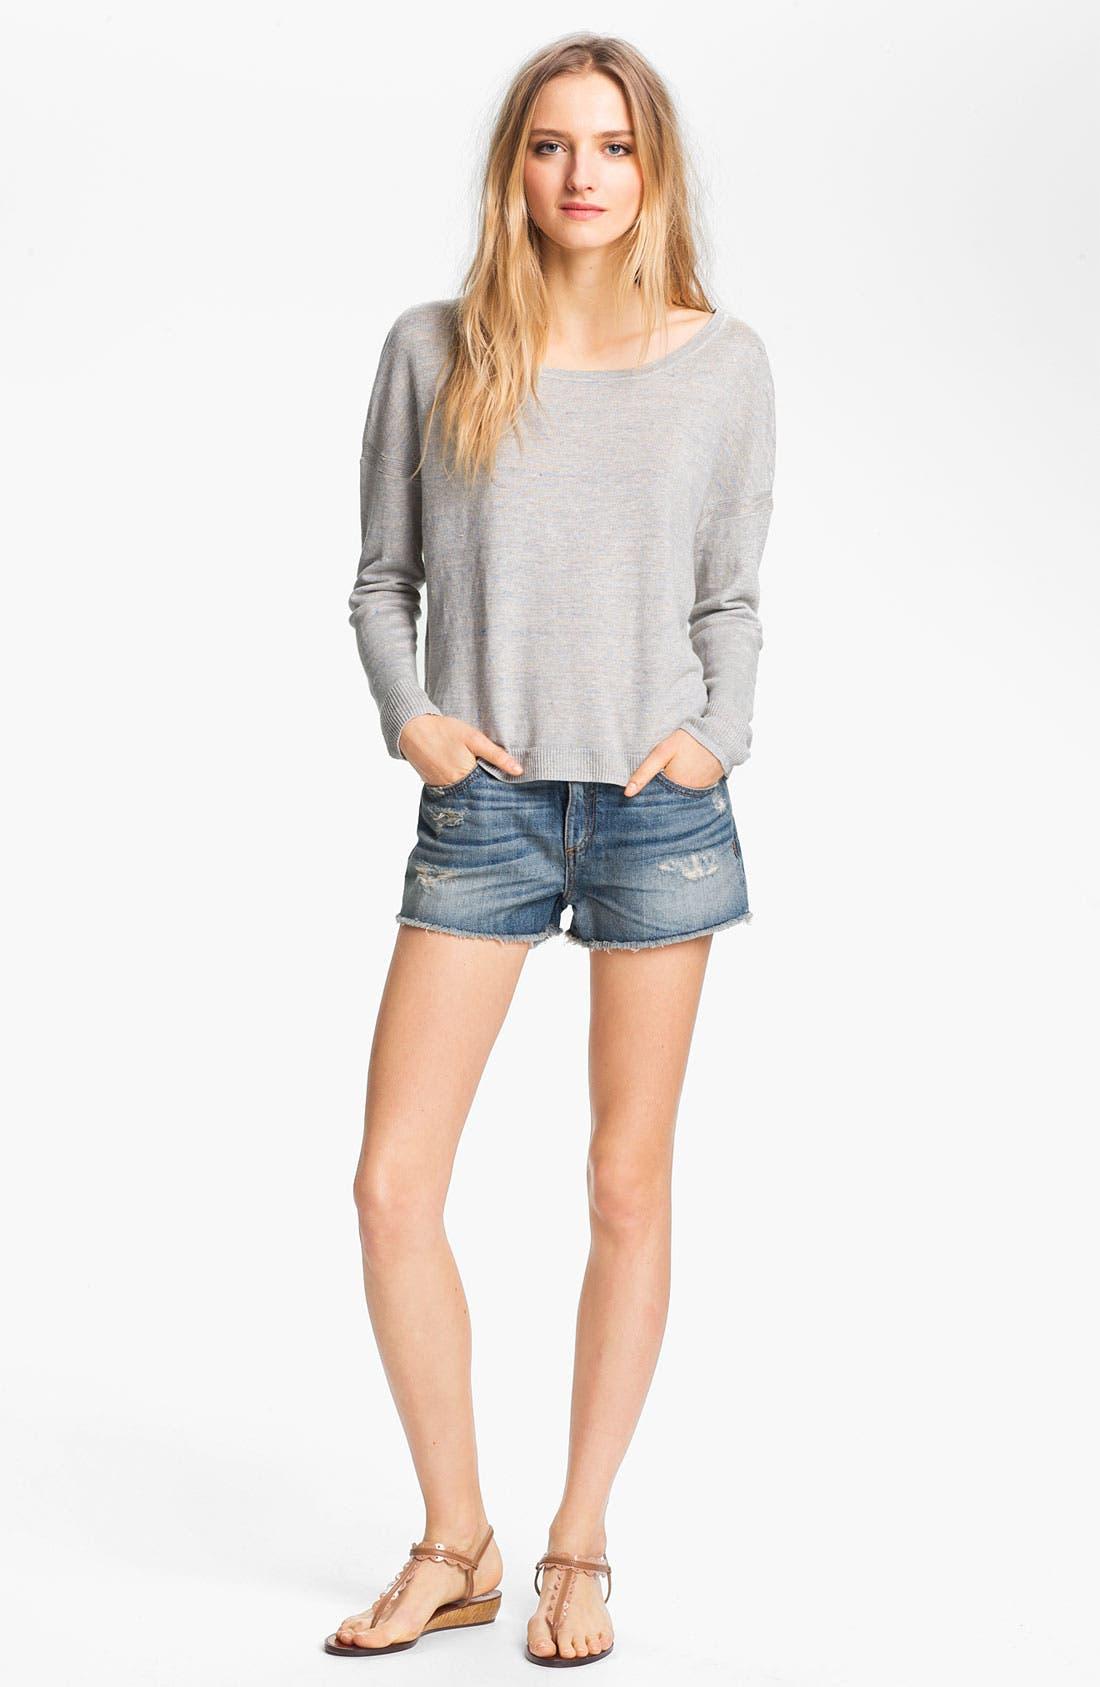 Alternate Image 1 Selected - rag & bone 'Sander' Linen Pullover